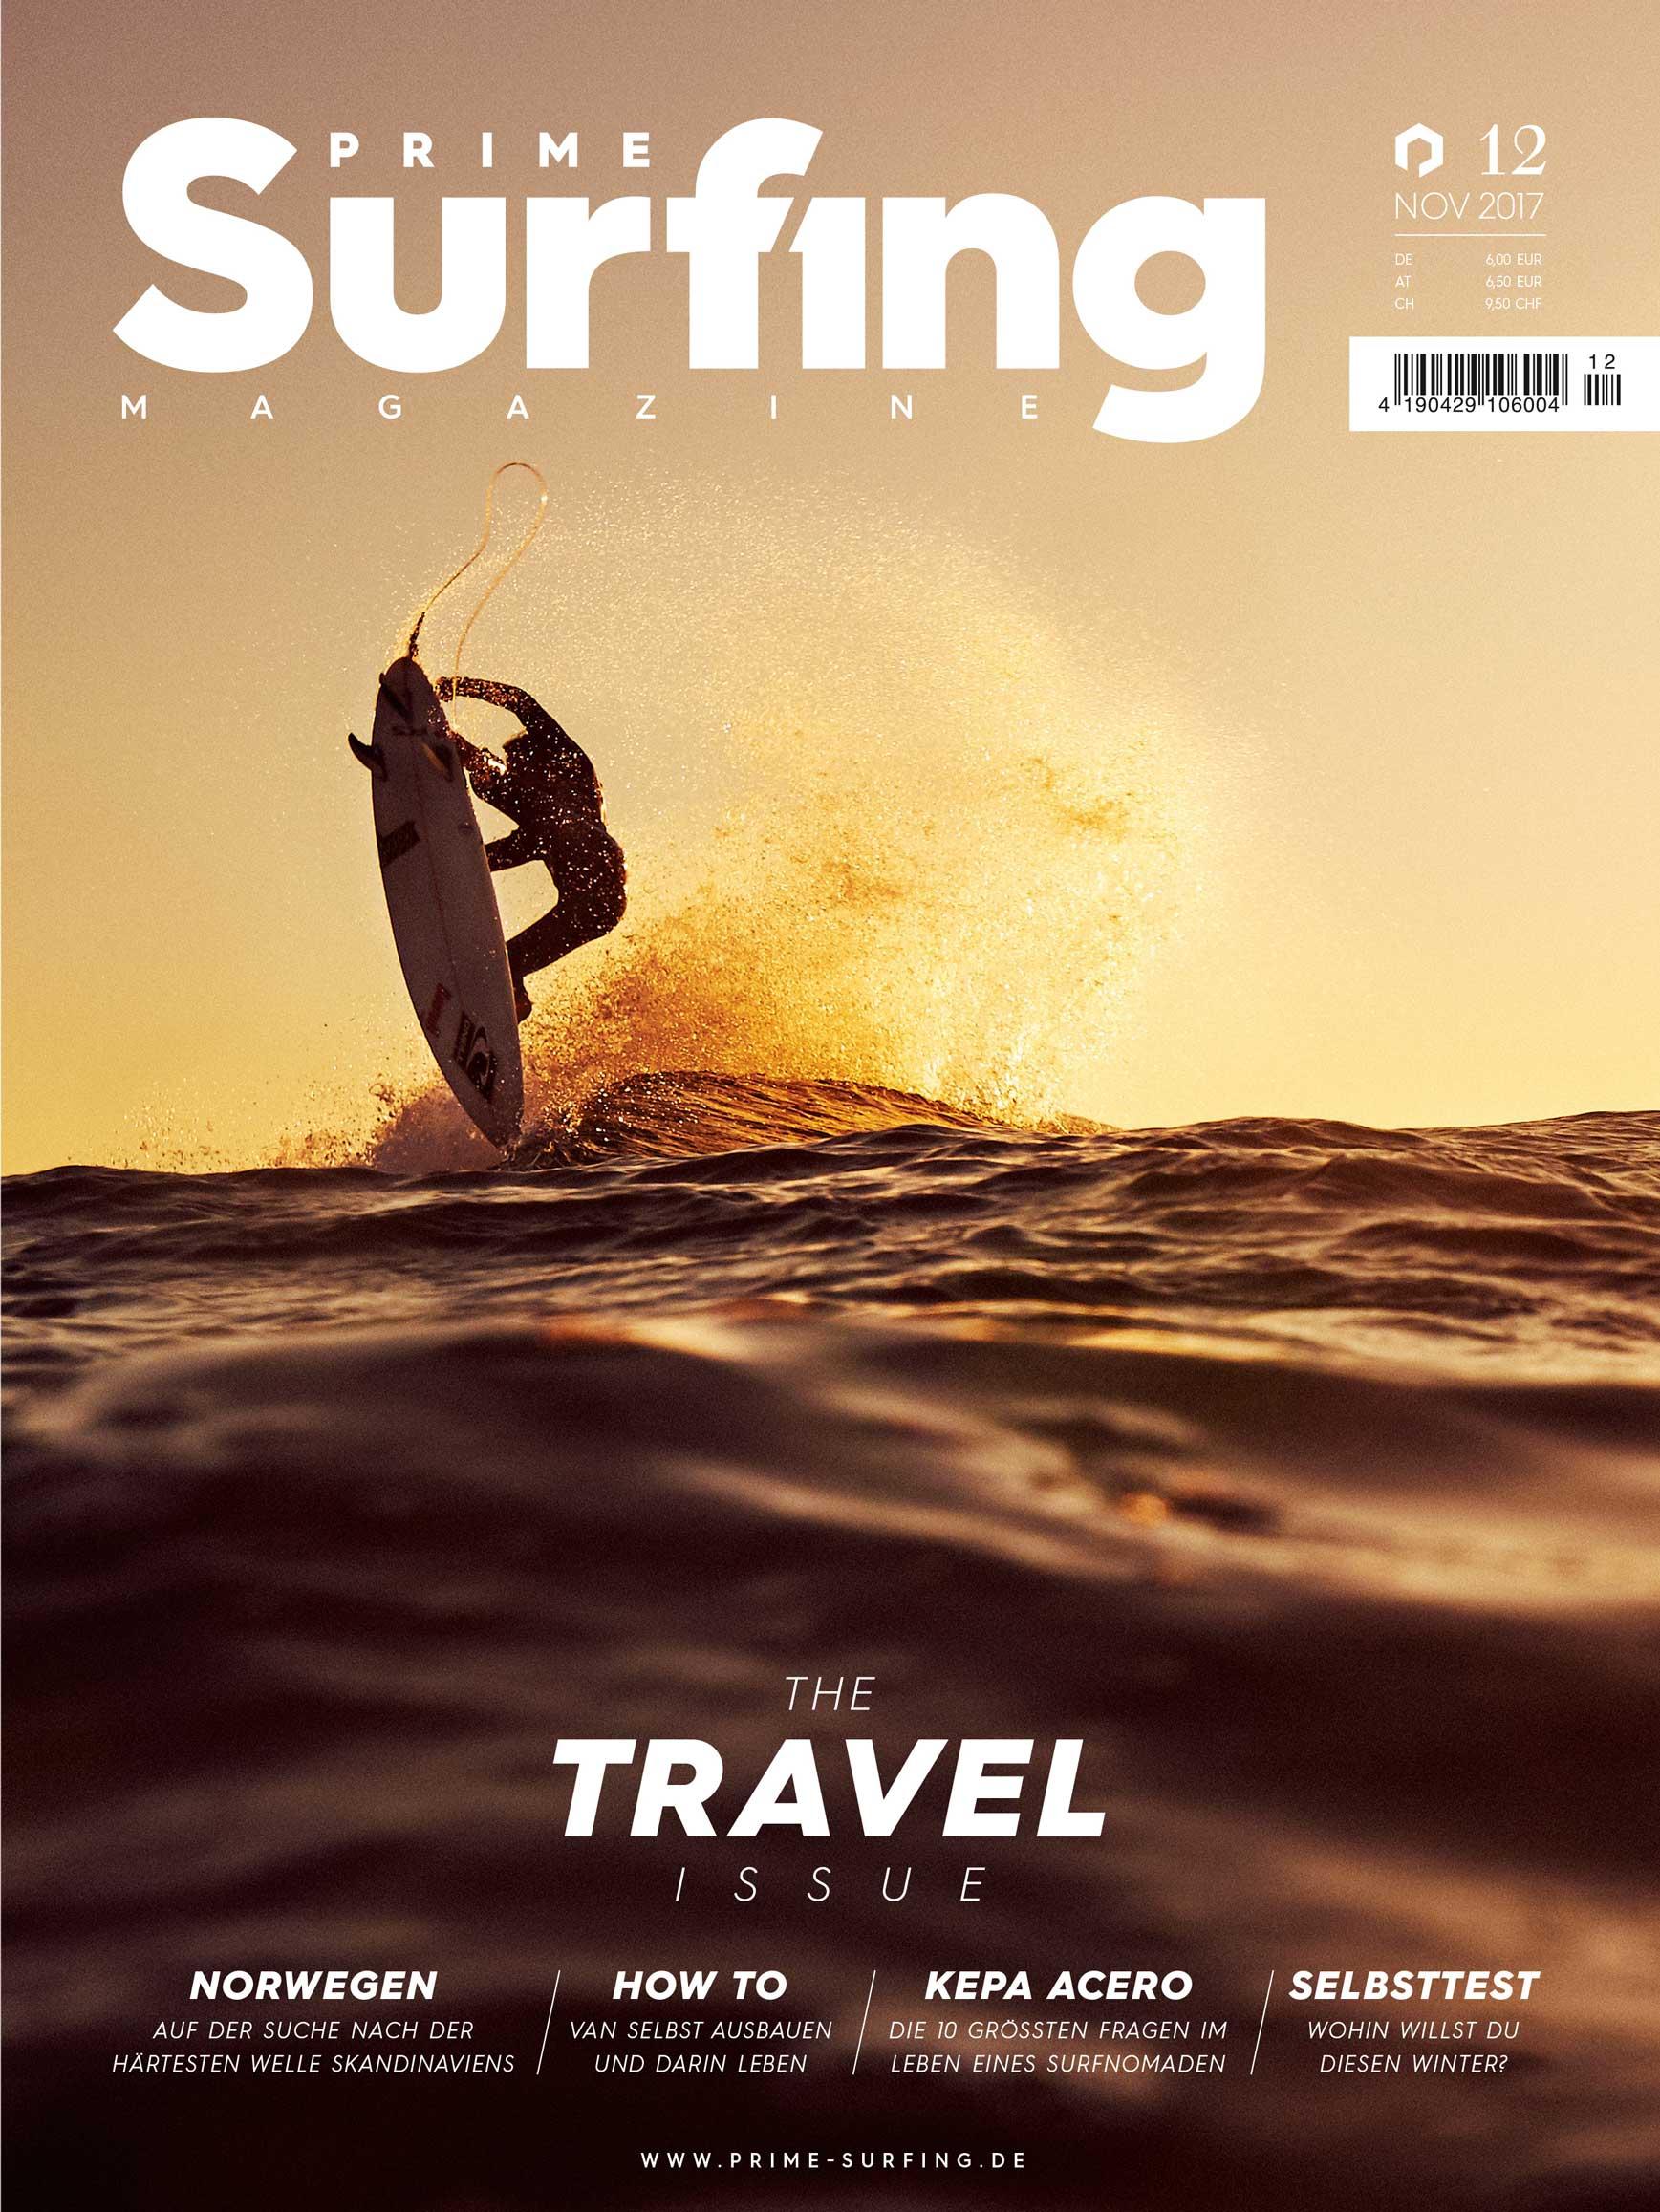 Die Travel Issue von Prime-Surfing